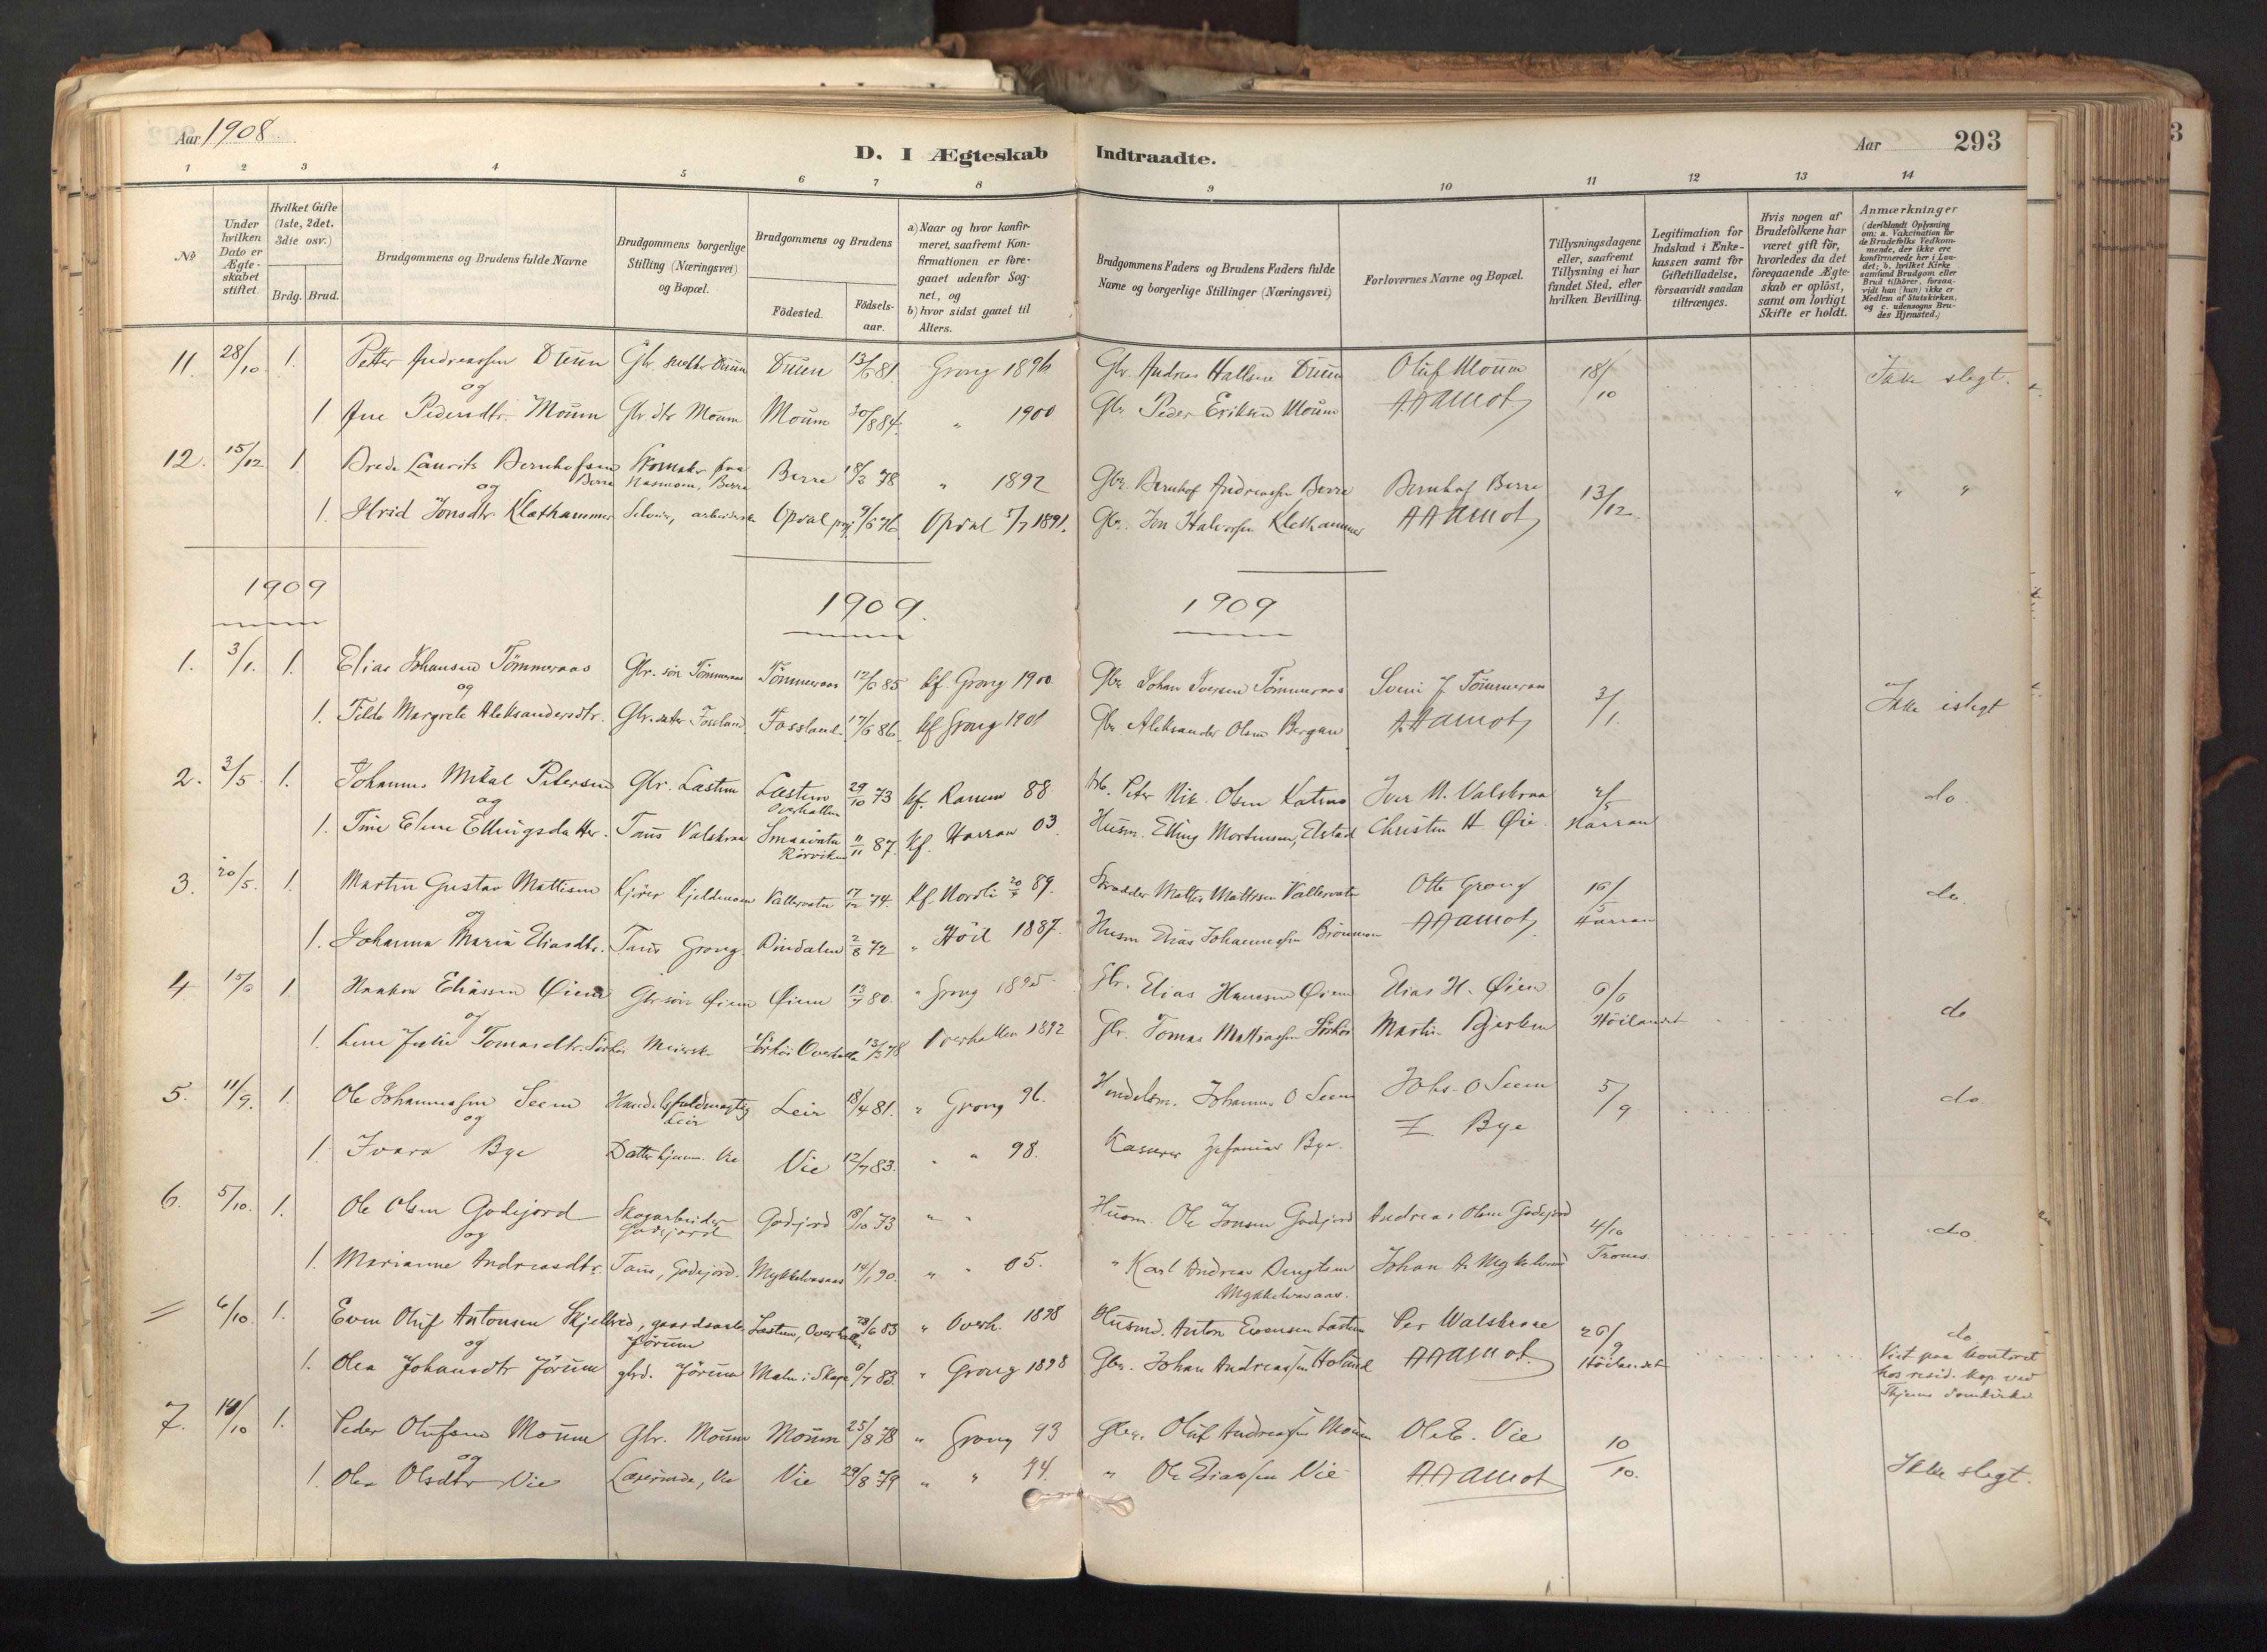 SAT, Ministerialprotokoller, klokkerbøker og fødselsregistre - Nord-Trøndelag, 758/L0519: Ministerialbok nr. 758A04, 1880-1926, s. 293